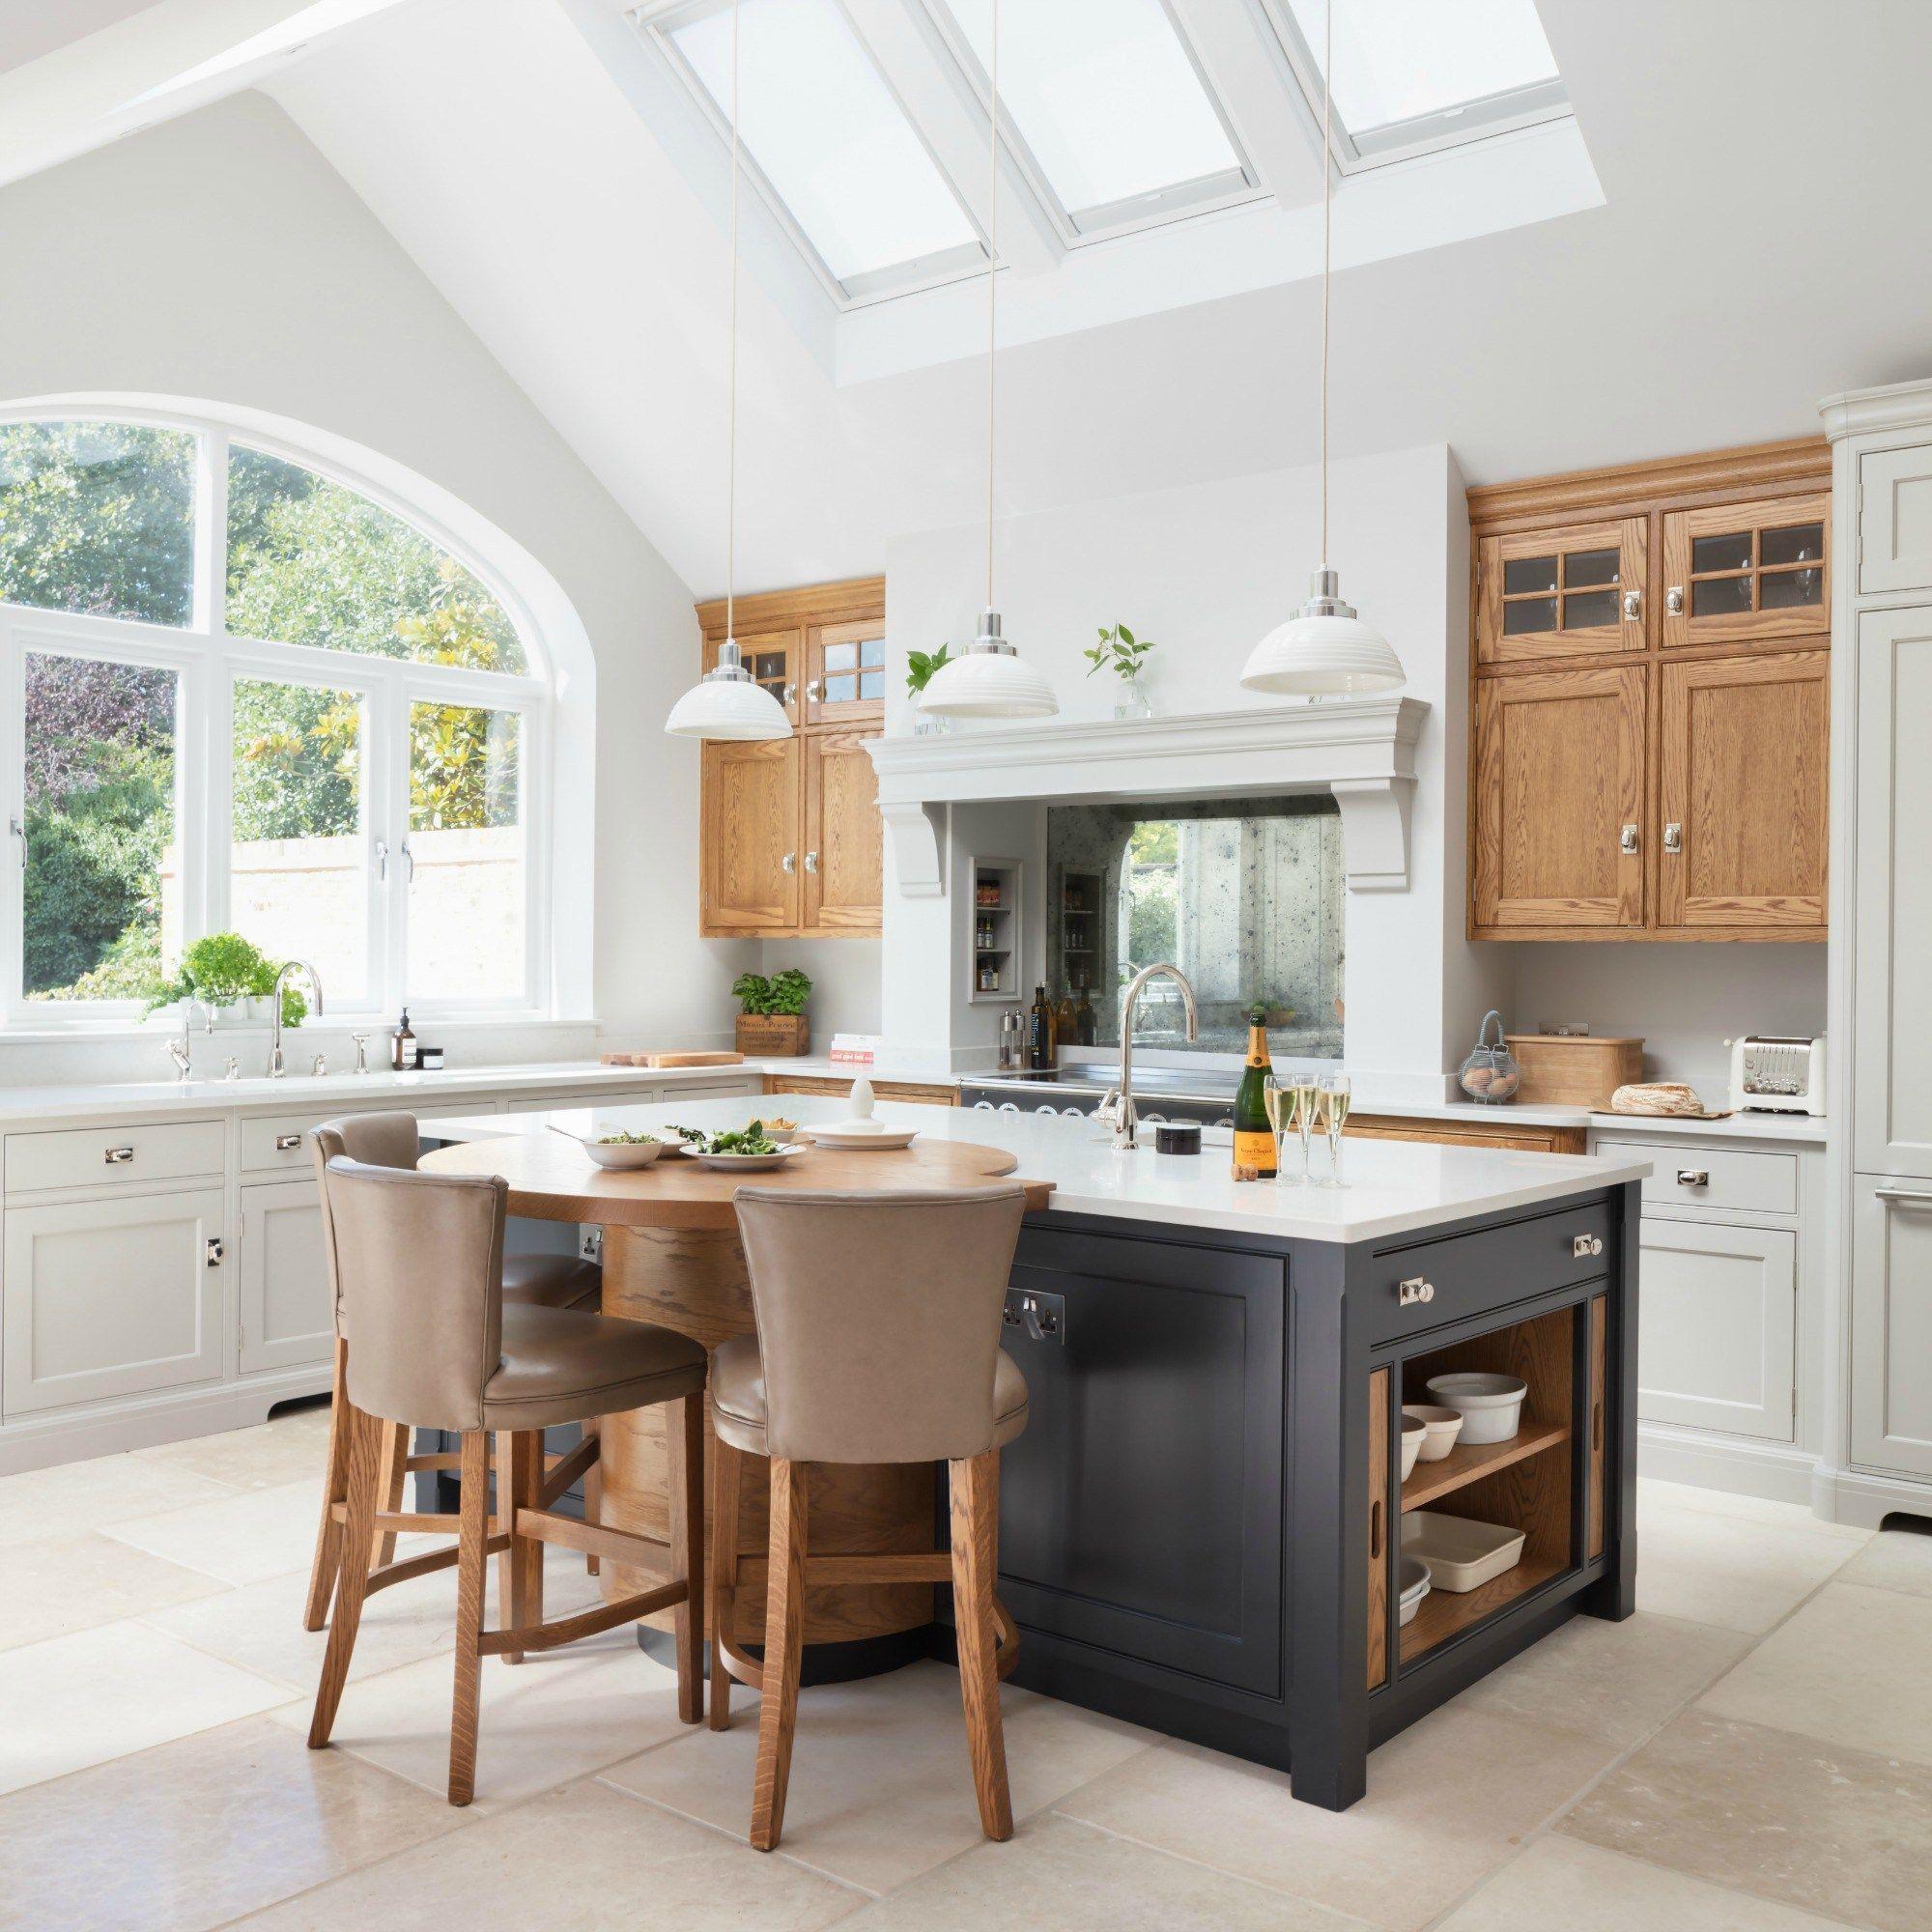 Kitchen Ideas With Island Kitchen Island With Seating And Sink Kitchen Design Luxury Kitchen Design Home Decor Kitchen